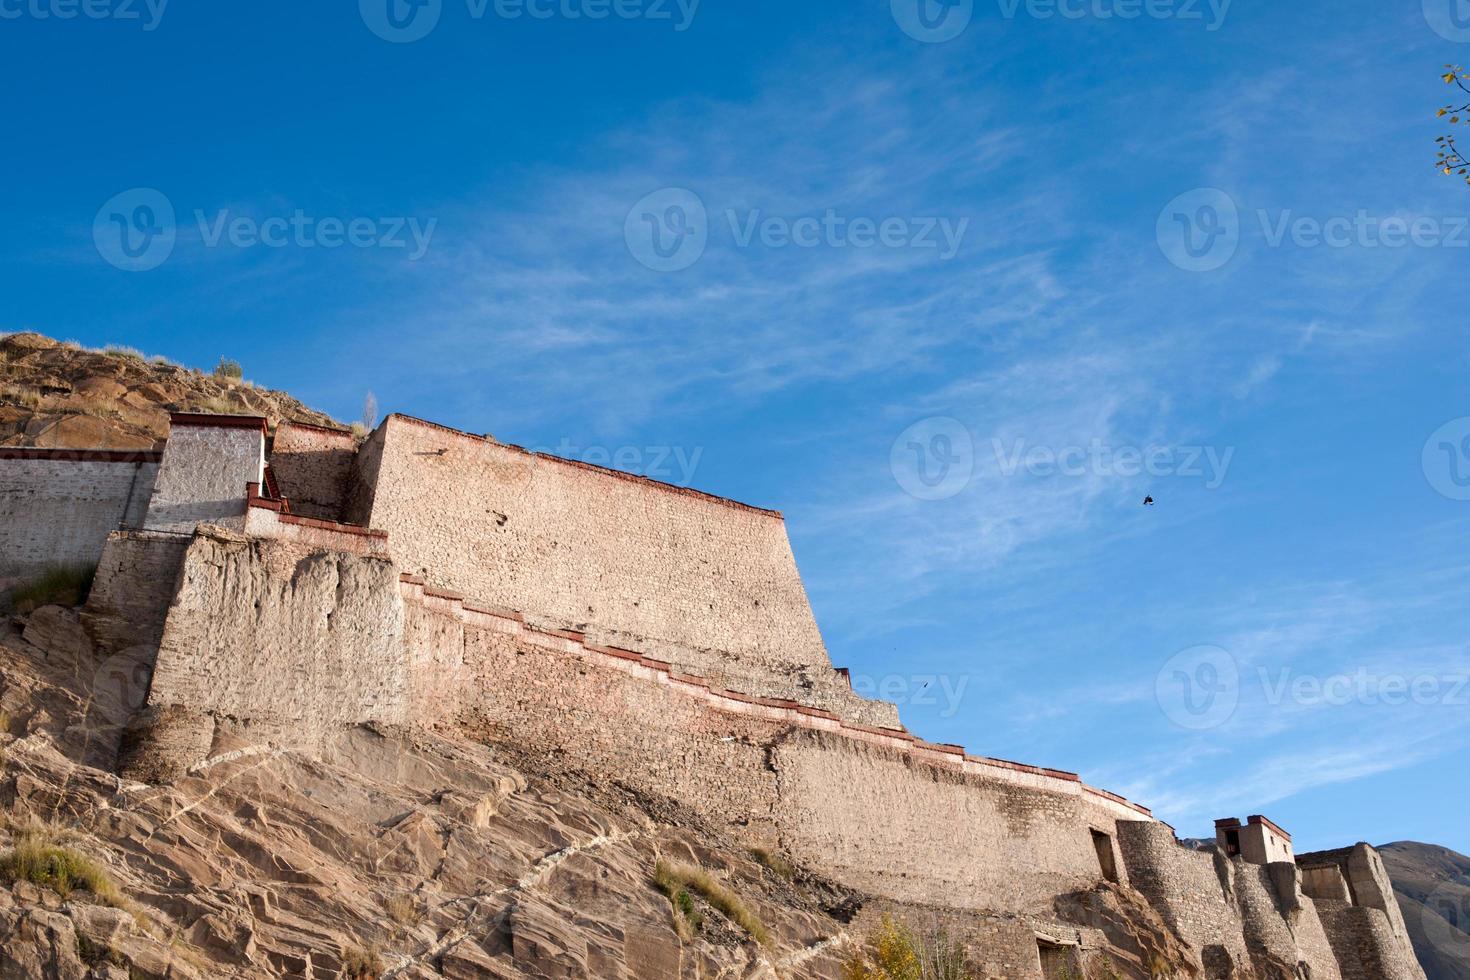 Castillo Zongshan. tomado en el gyangtse (gyangze) del tíbet. foto